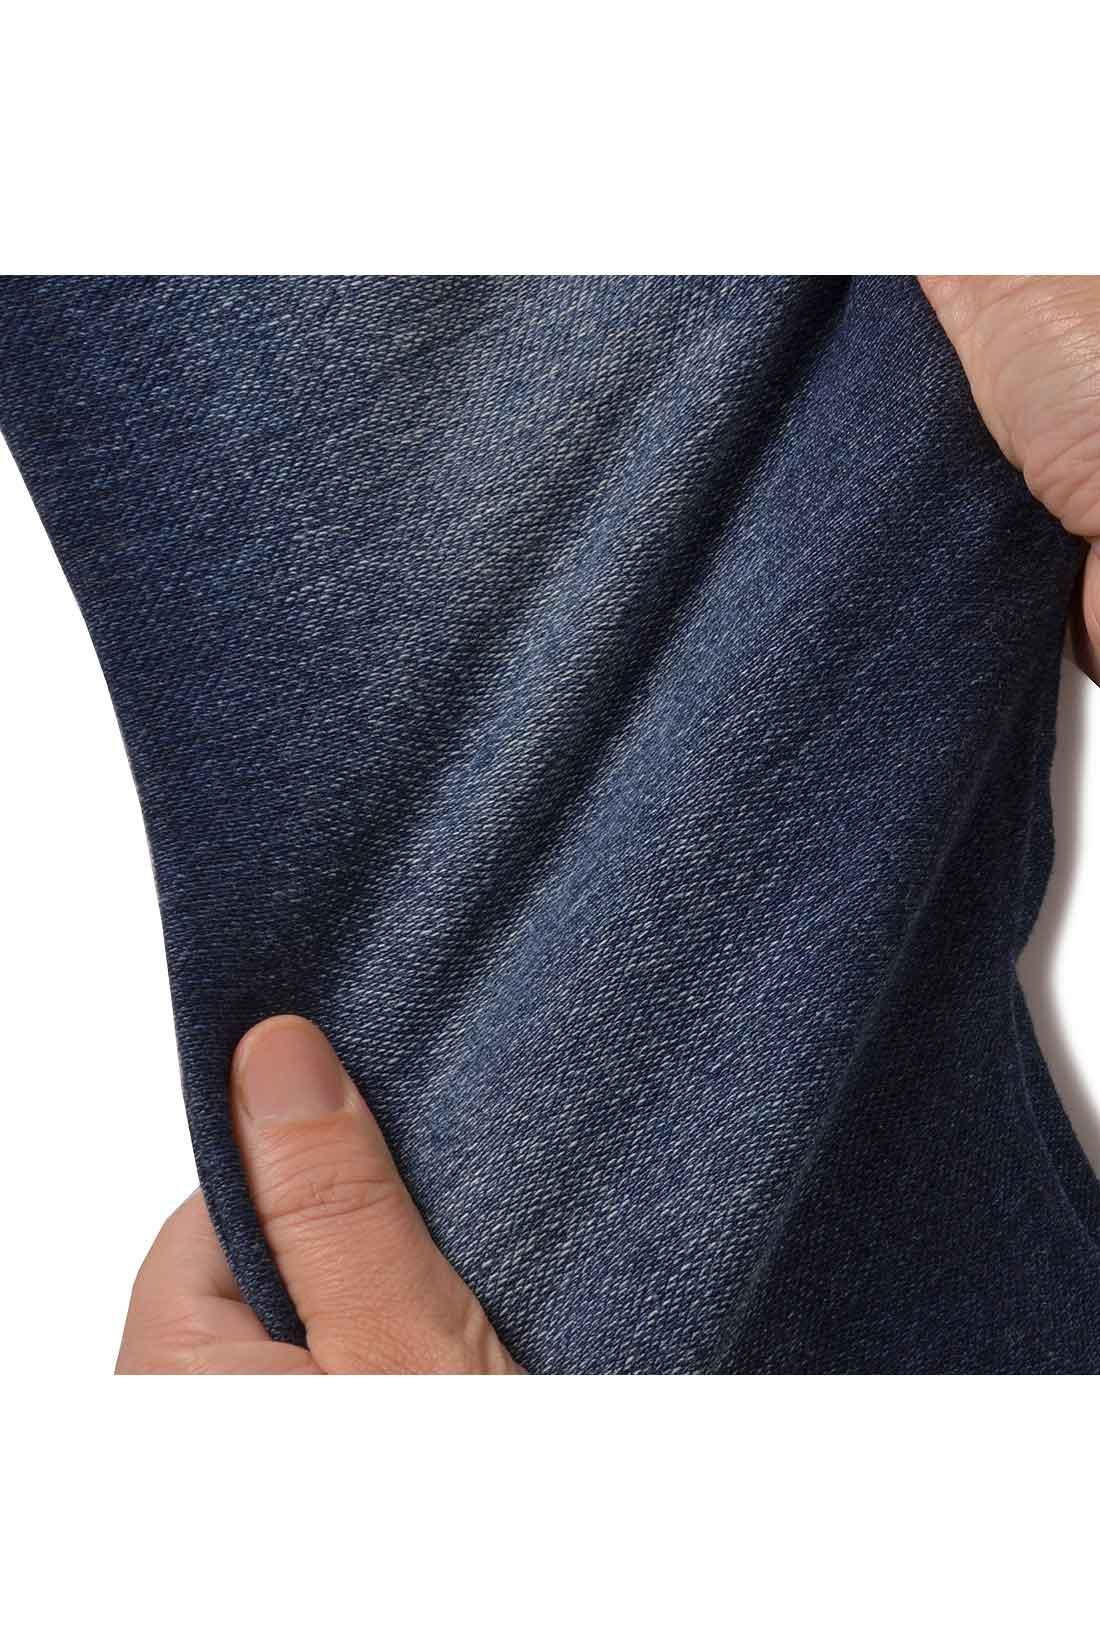 デニムで使う糸をニットのように編み立てて、ぐいーんとのびのび。